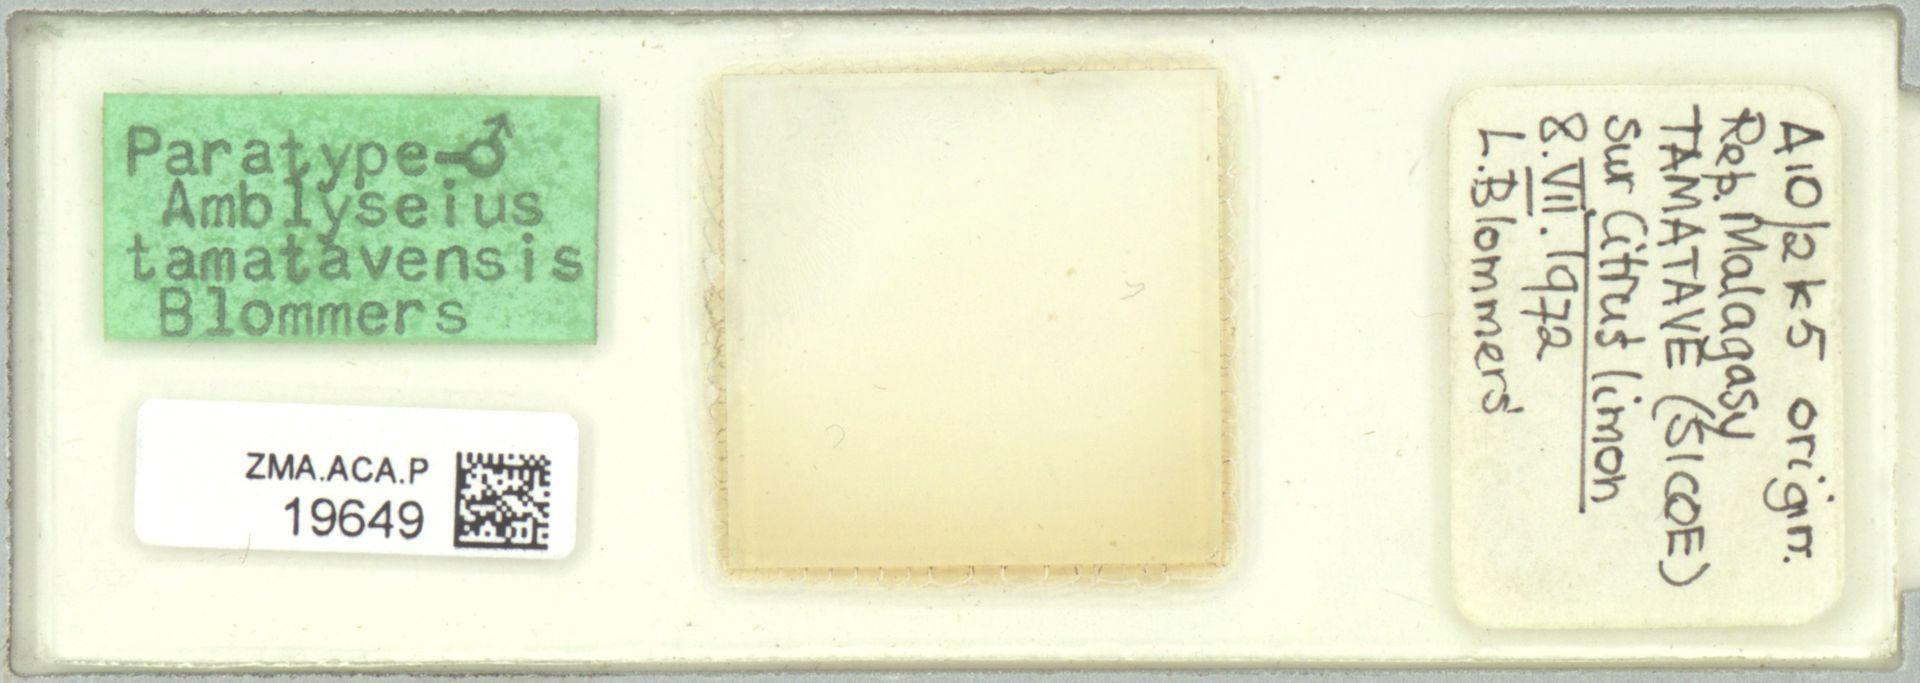 ZMA.ACA.P.19649 | Amblyseius (Amblyseius) tamatavensis Blommers